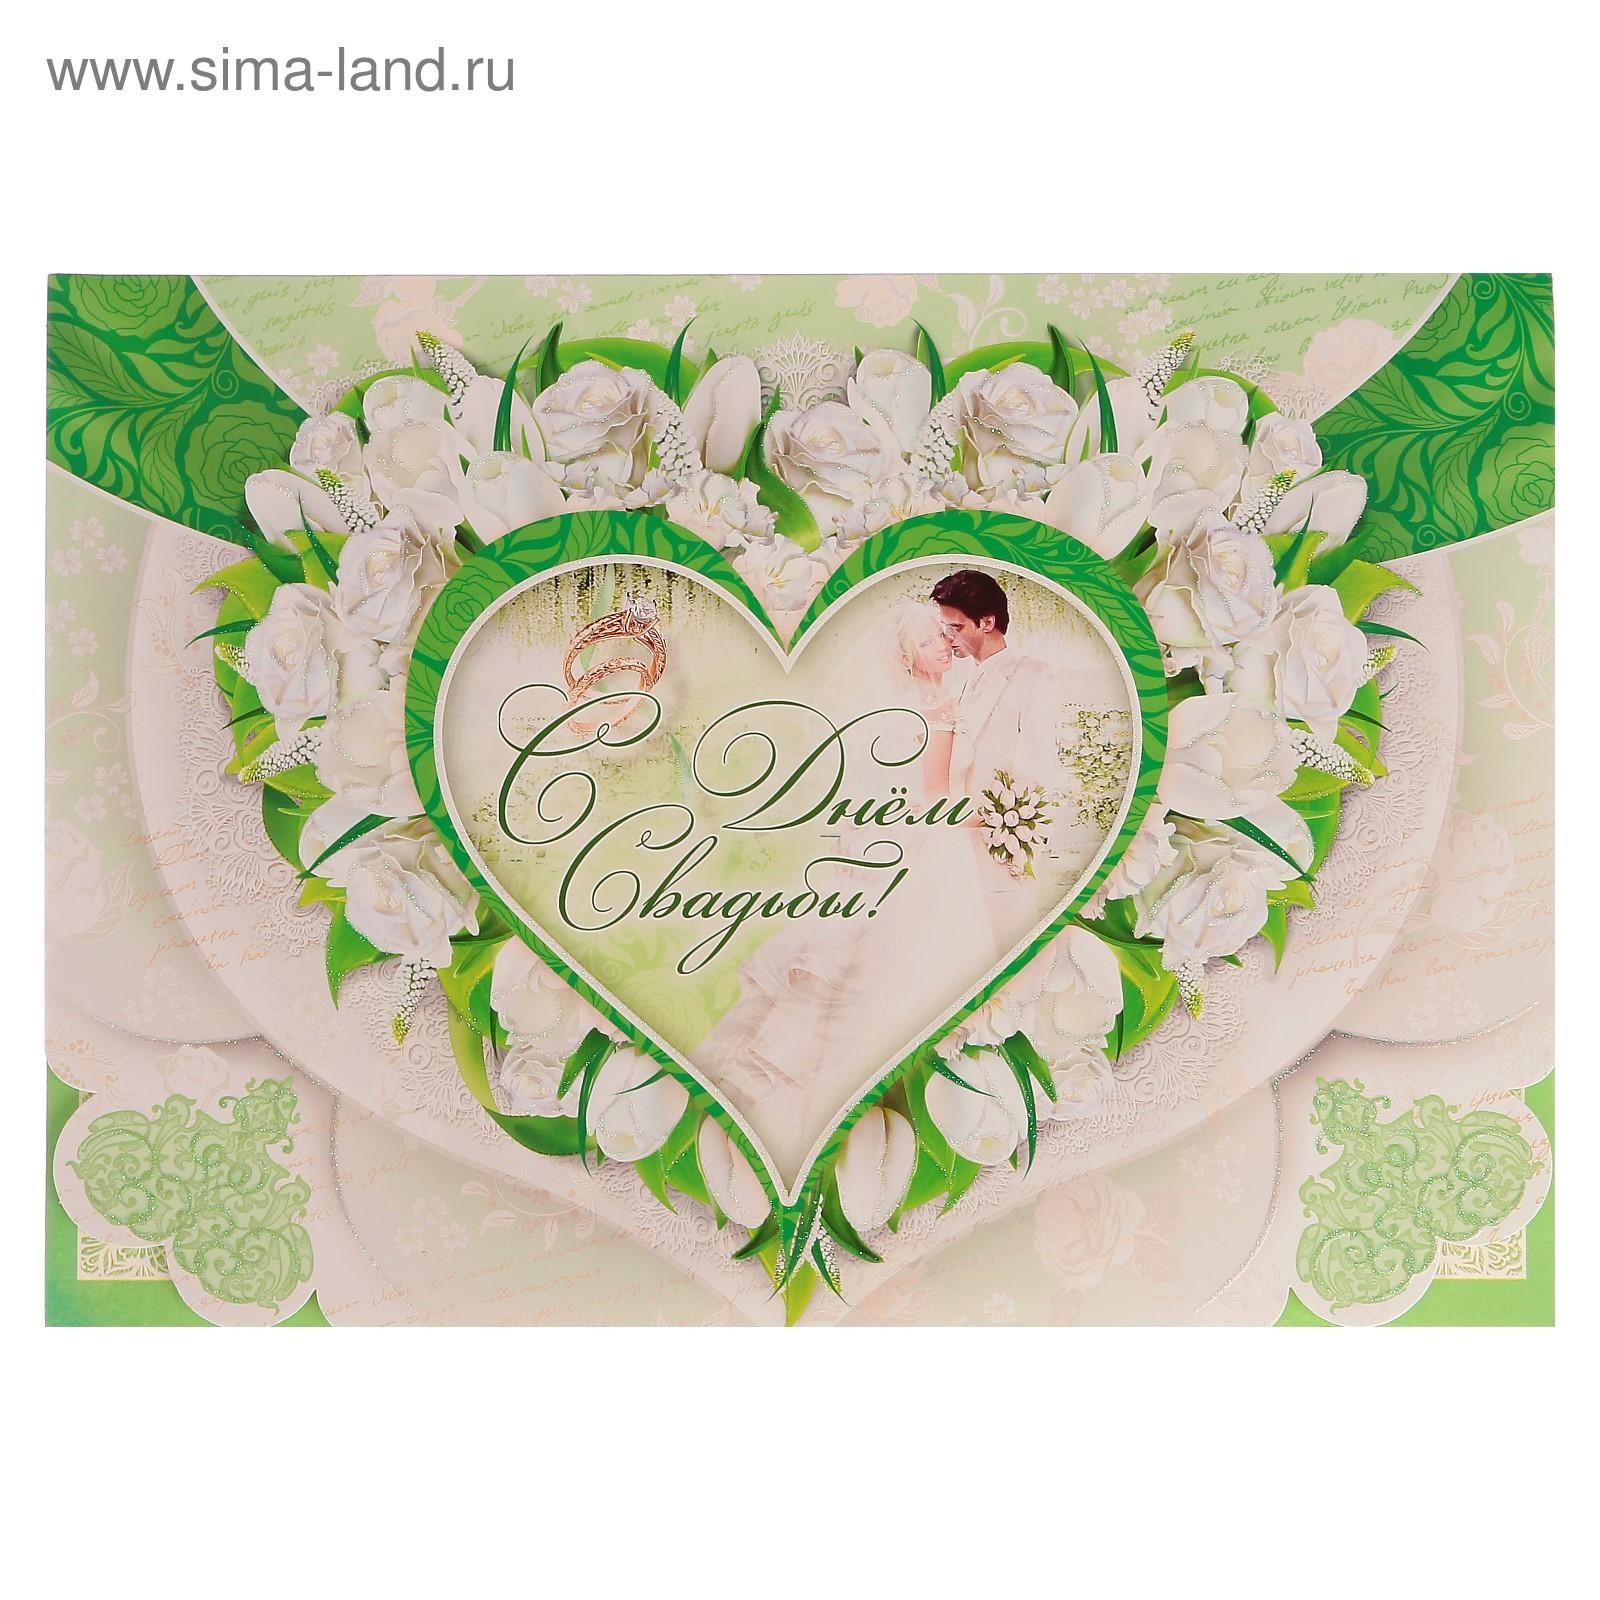 Картинки про, открытки с зеленой свадьбой